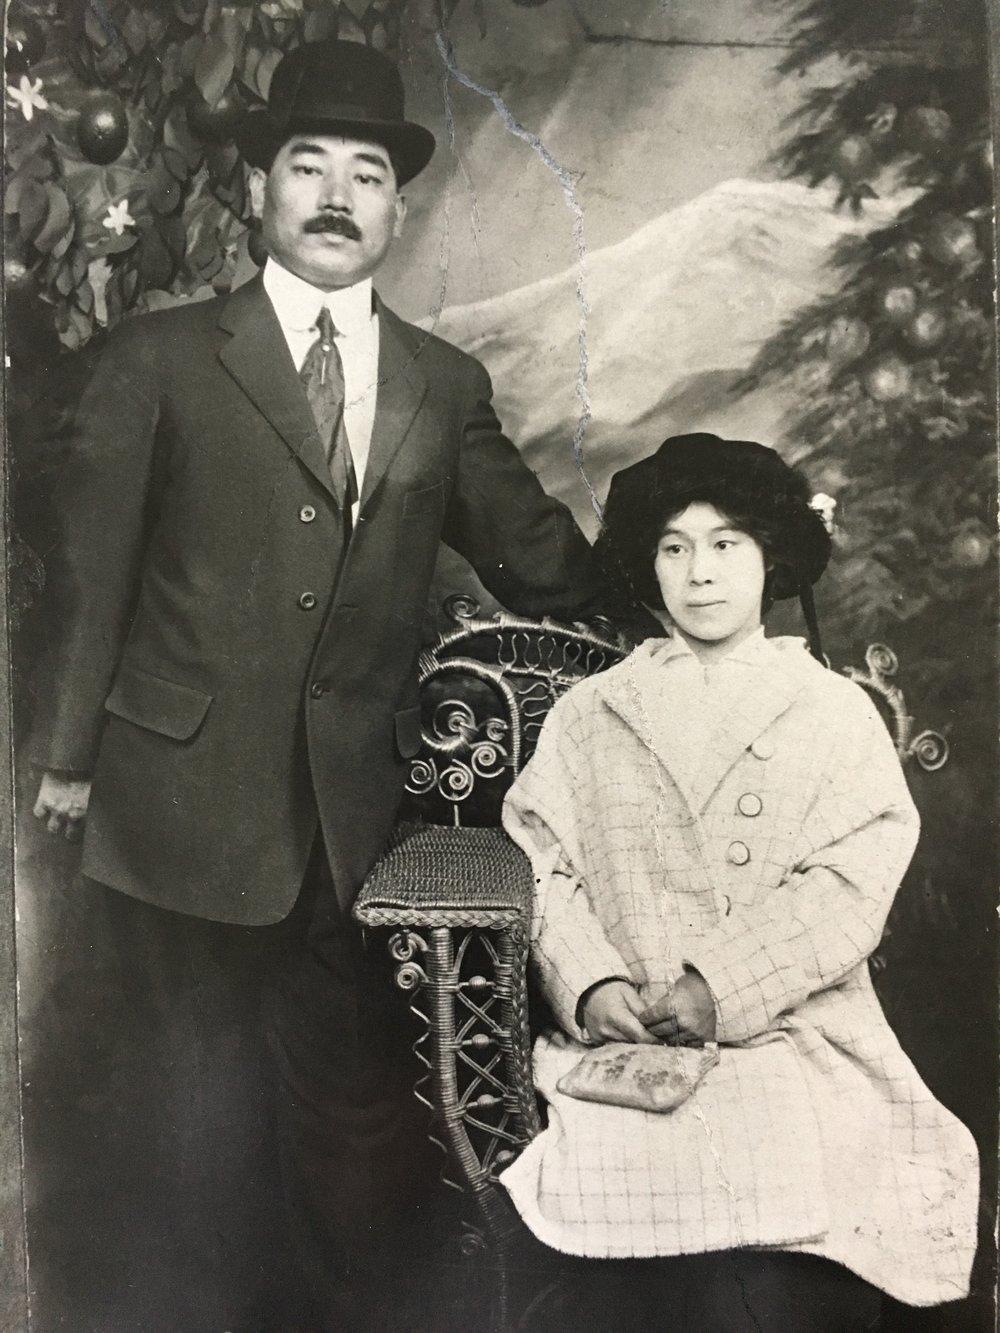 Mary's parents, Tomitaro and Machi Kageyama